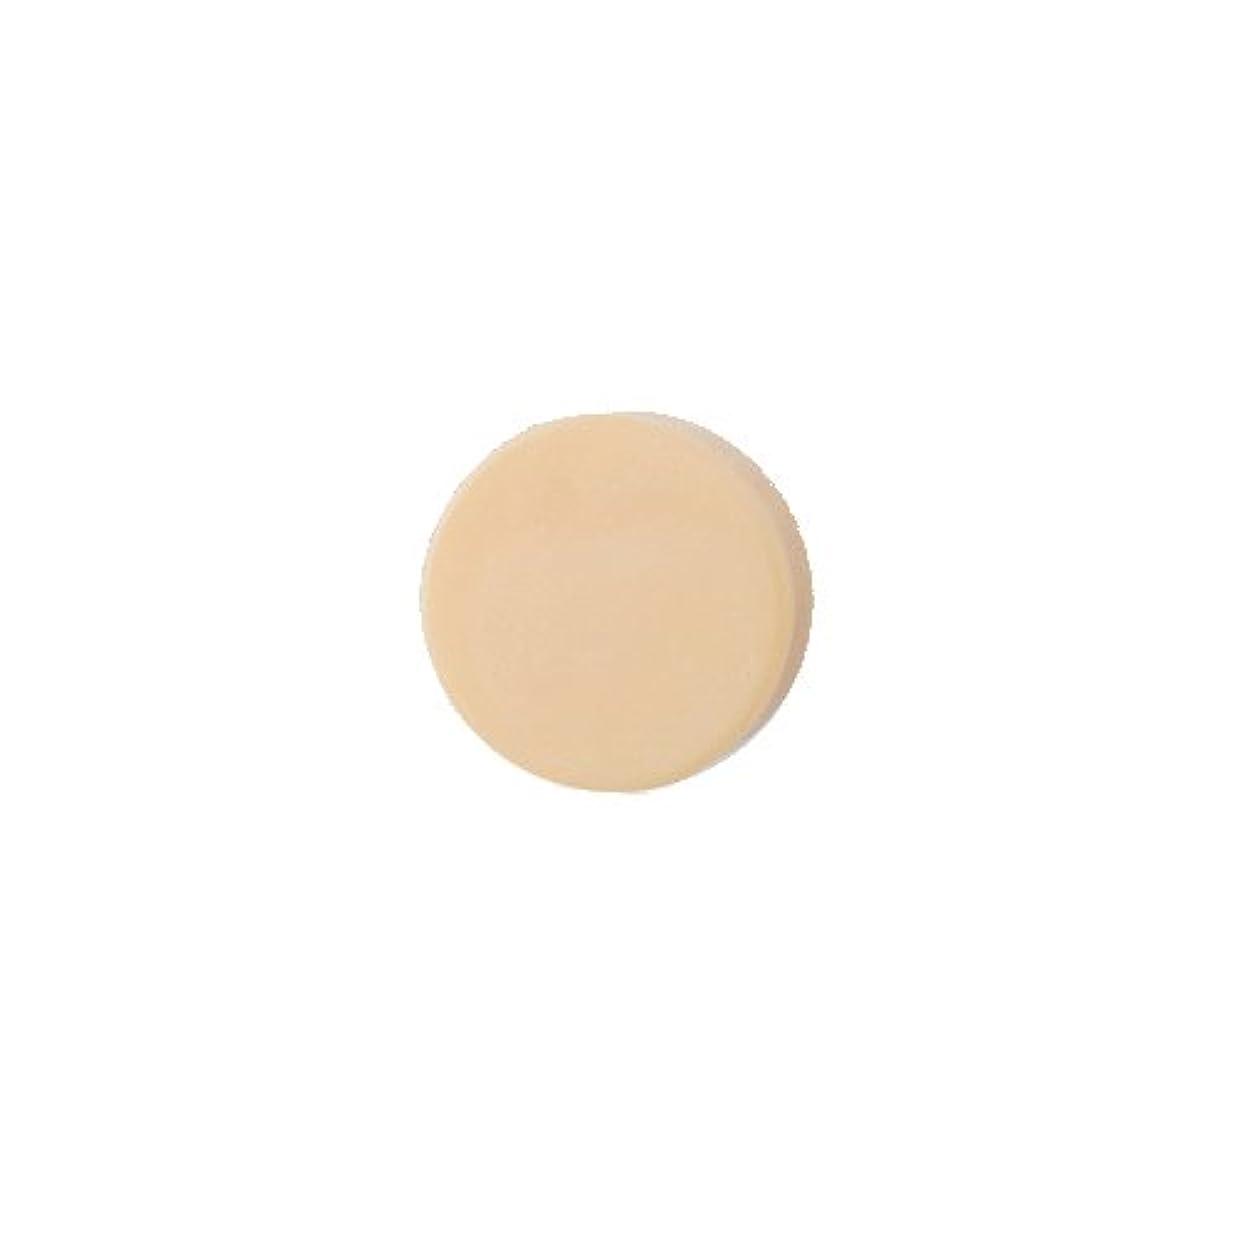 嫌な振動する一般的に言えばこだわりコールド製法の無添加でオーガニックな洗顔石鹸 マザーウッド&シルクソープ 75g